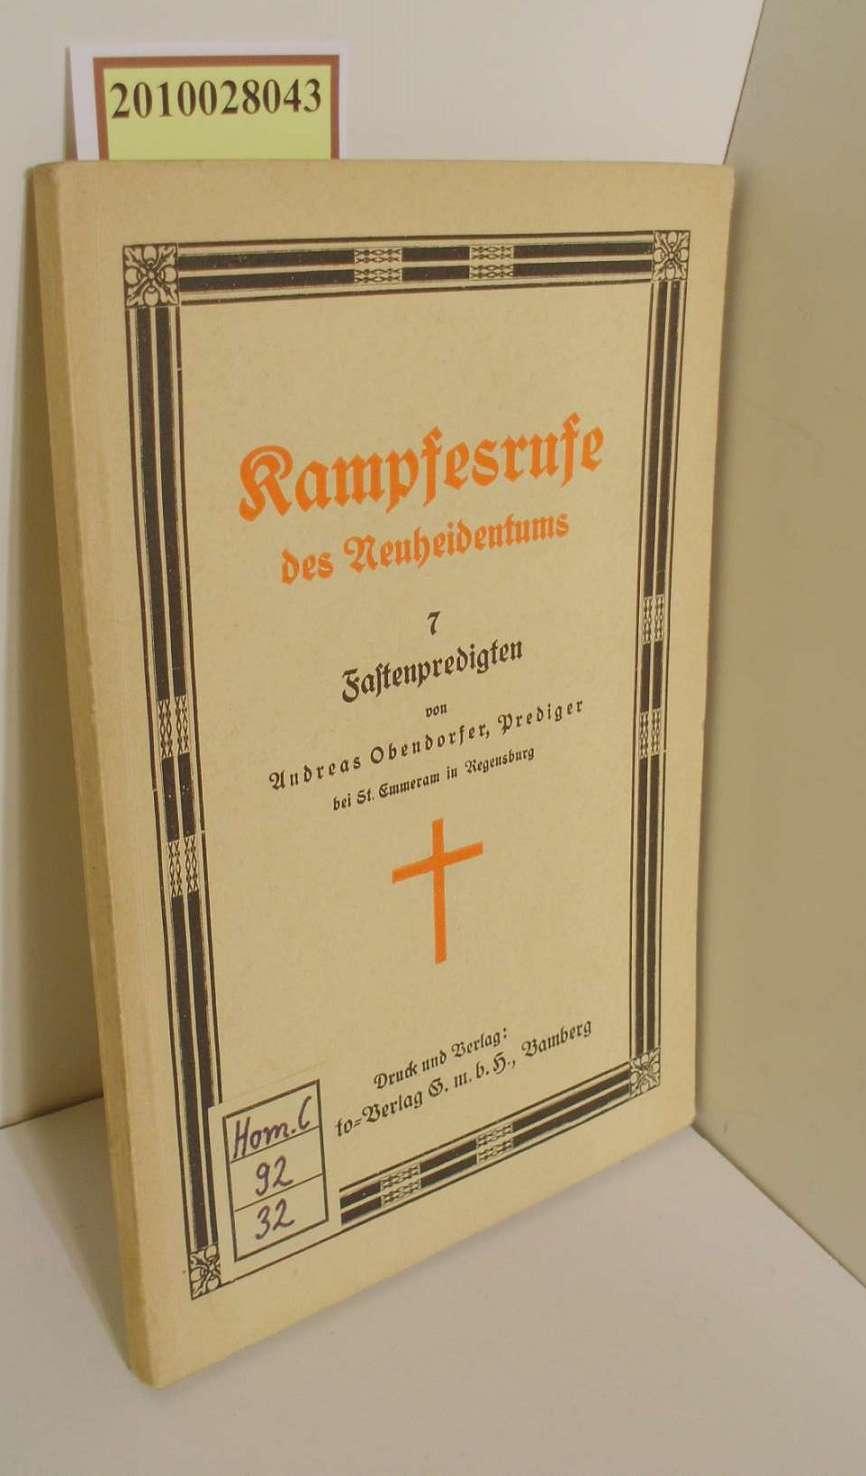 Kampfesrufe des Neuheidentums : 7 Fastenpredigten / Andreas Obendorfer